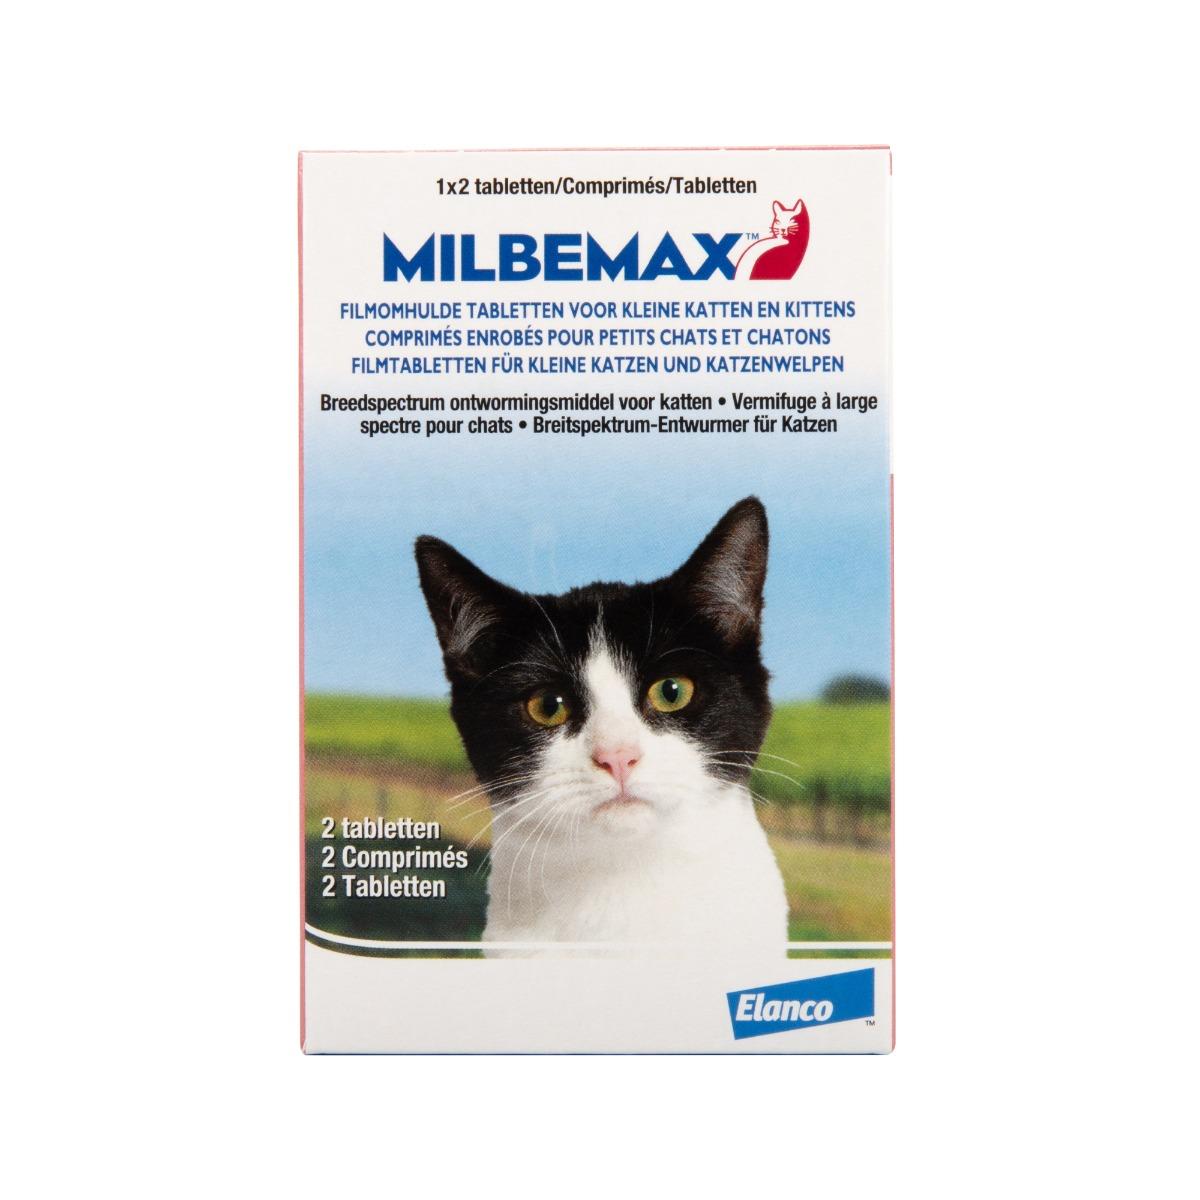 Milbemax - Kleine Katze